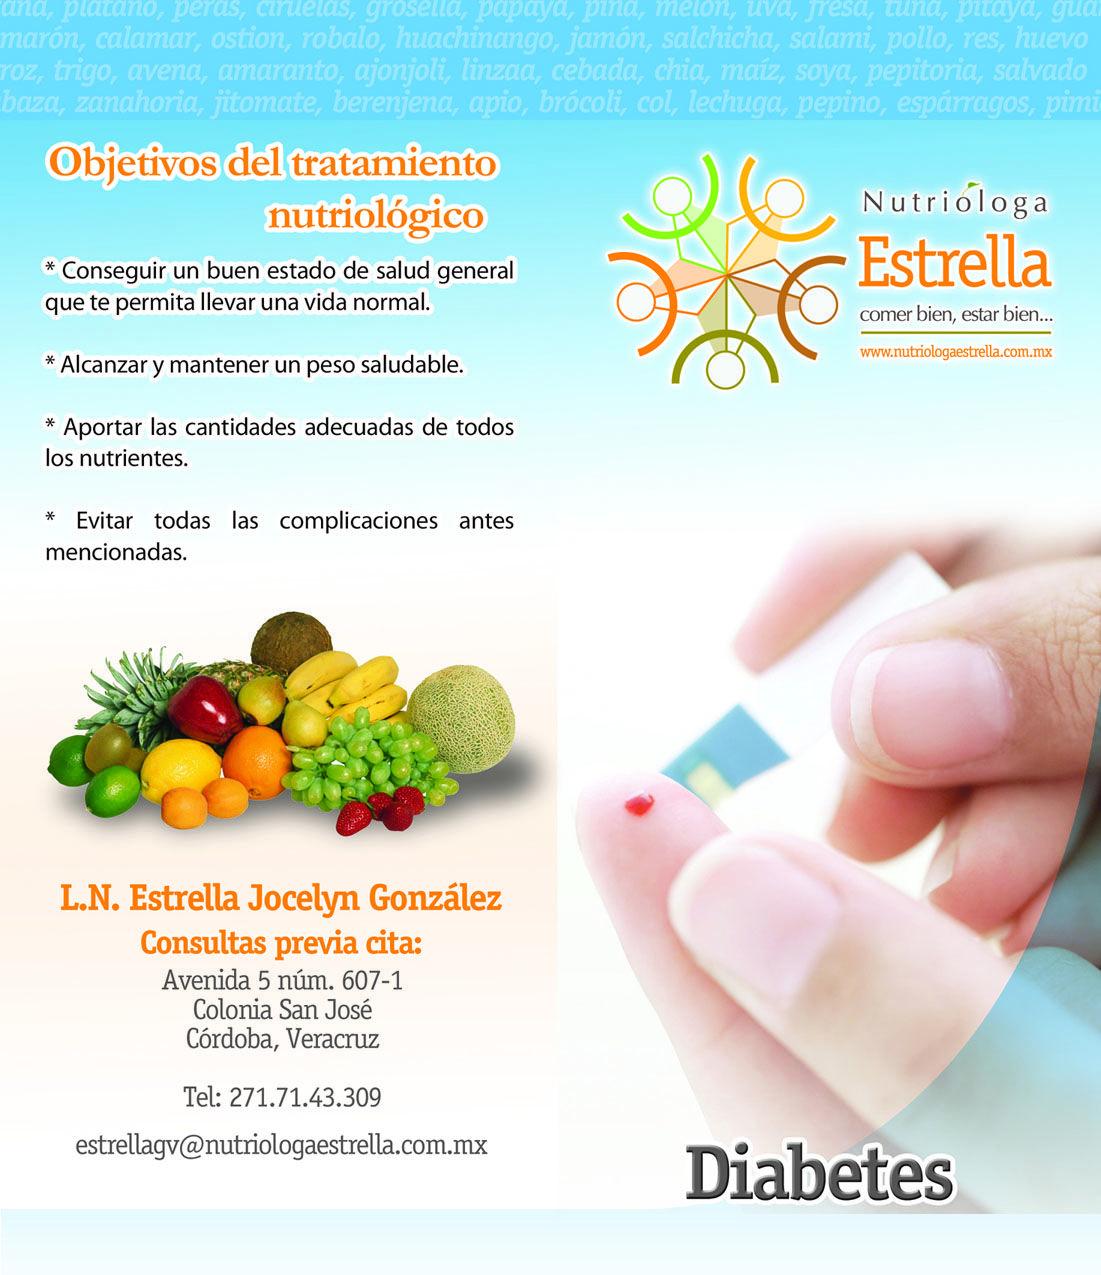 Objetivos del tratamiento nutriólogo